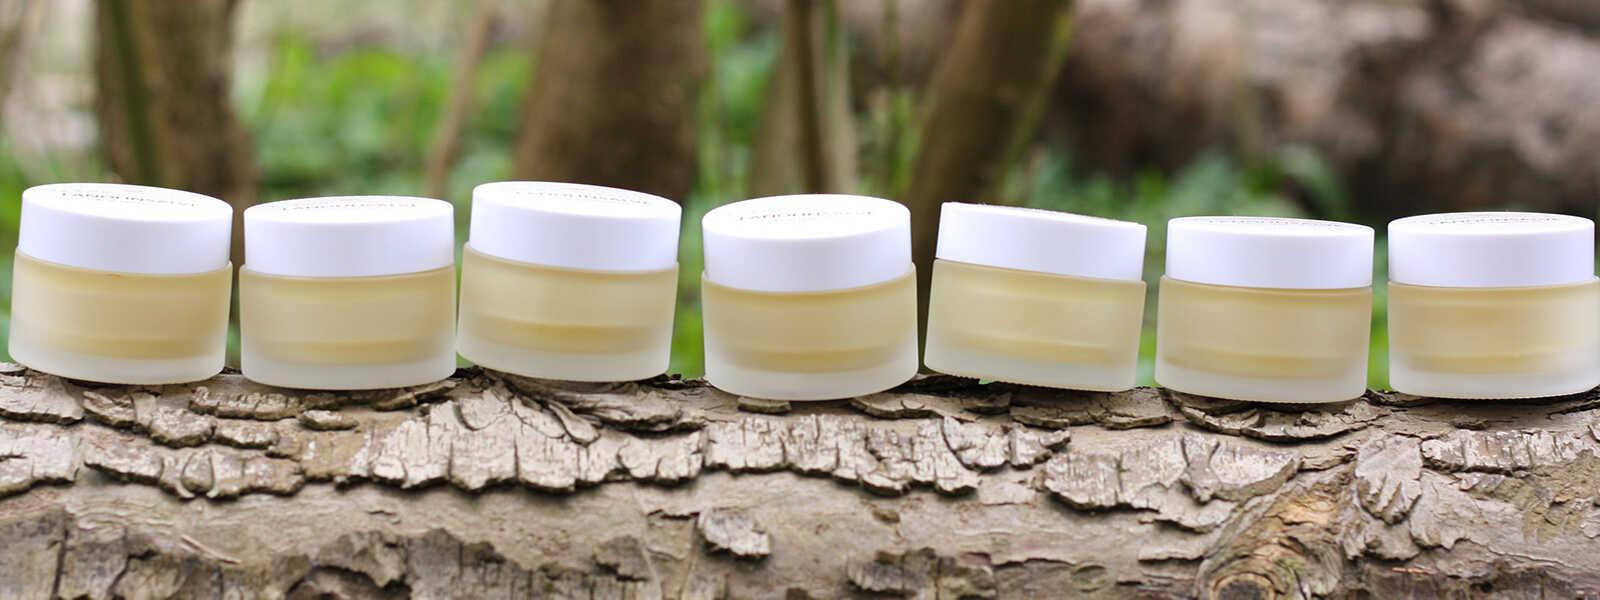 naturlig-hudpleje-barrierecreme-salve-til-roede-numser-weecare